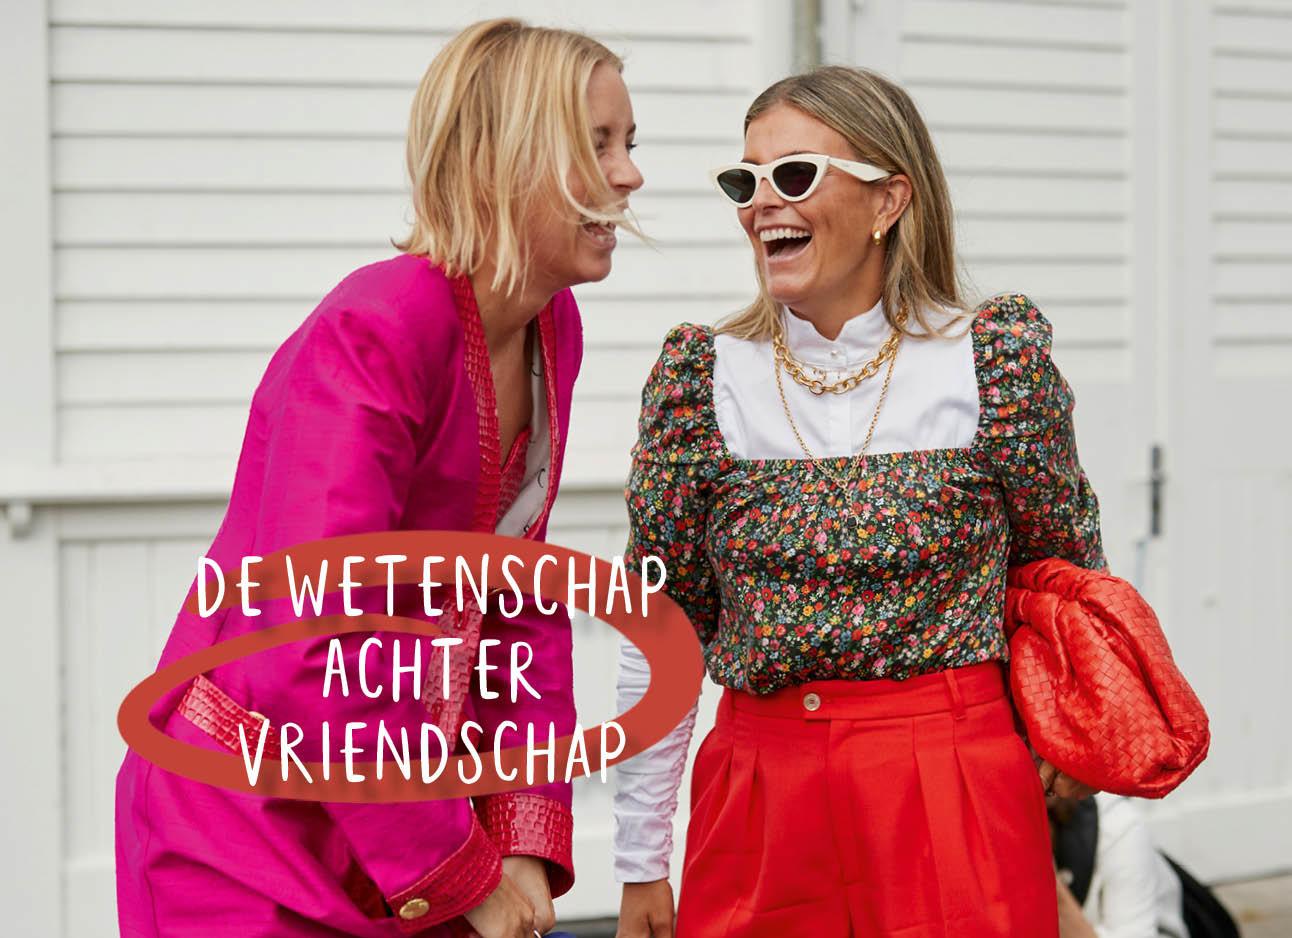 Op de foto staan 2 lachende meiden voor een witte muur